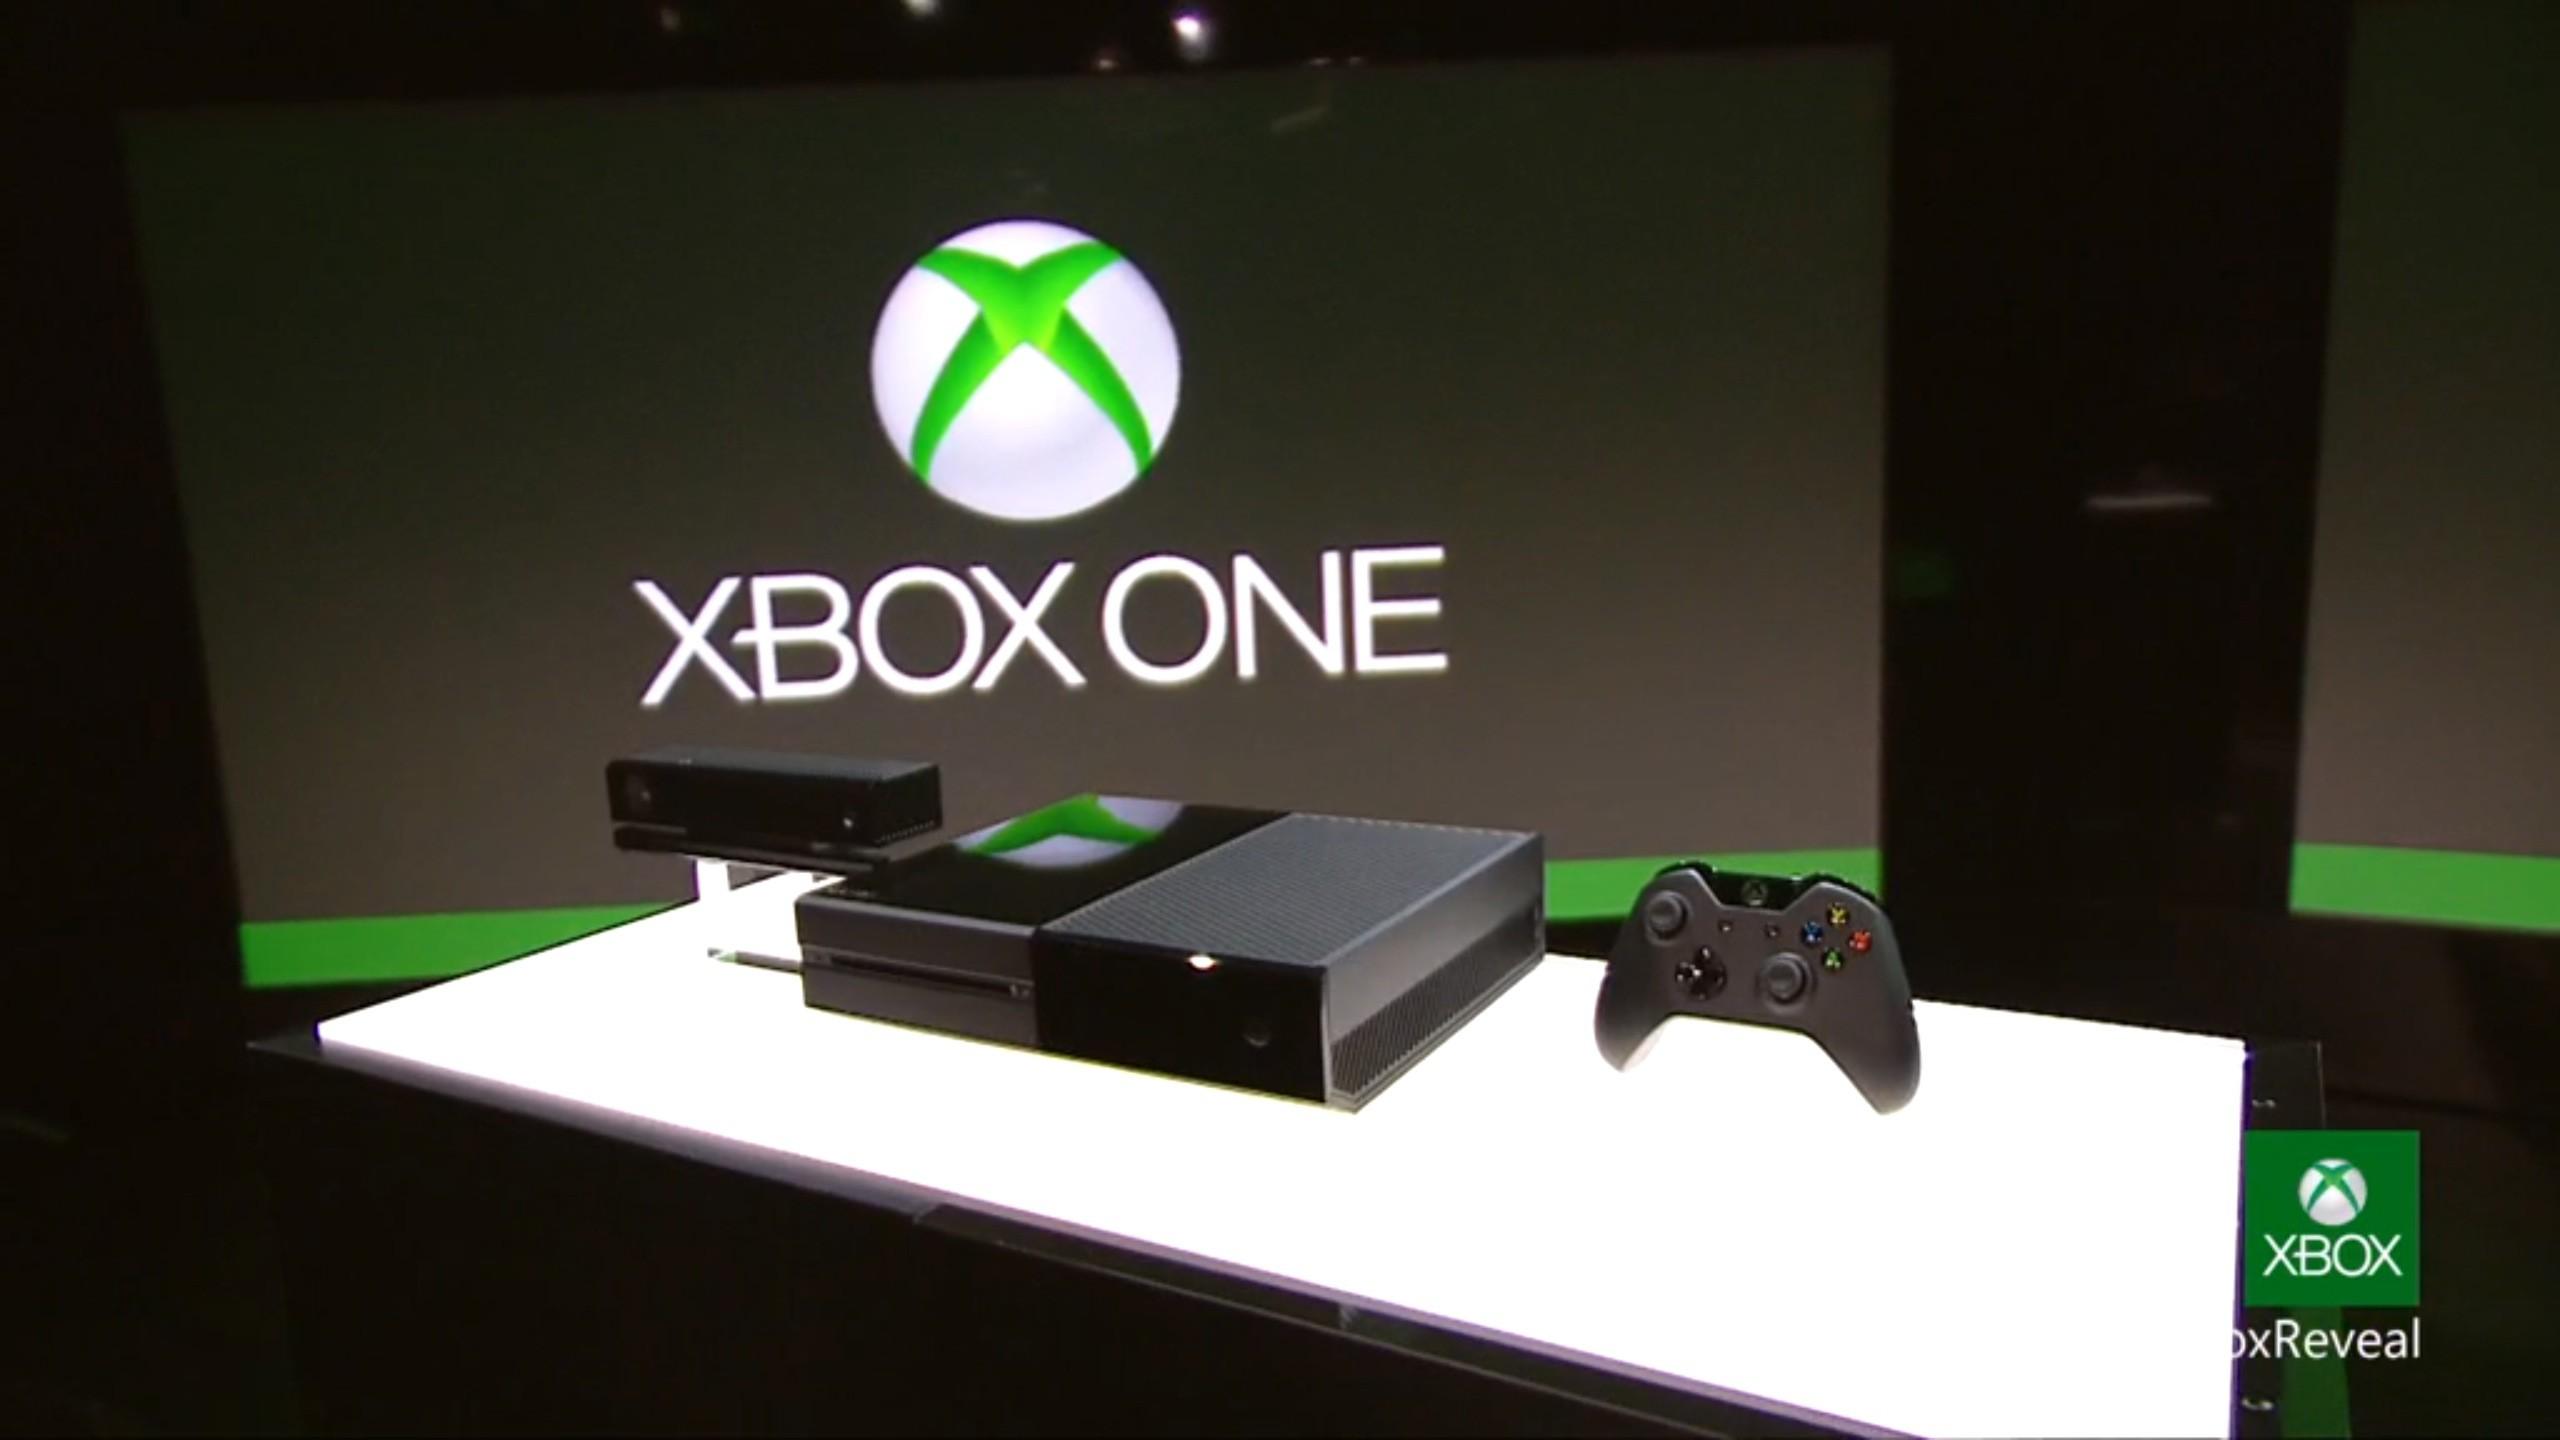 Electronic Ars Activision Y Ubisoft Anuncian Juegos Para Xbox One